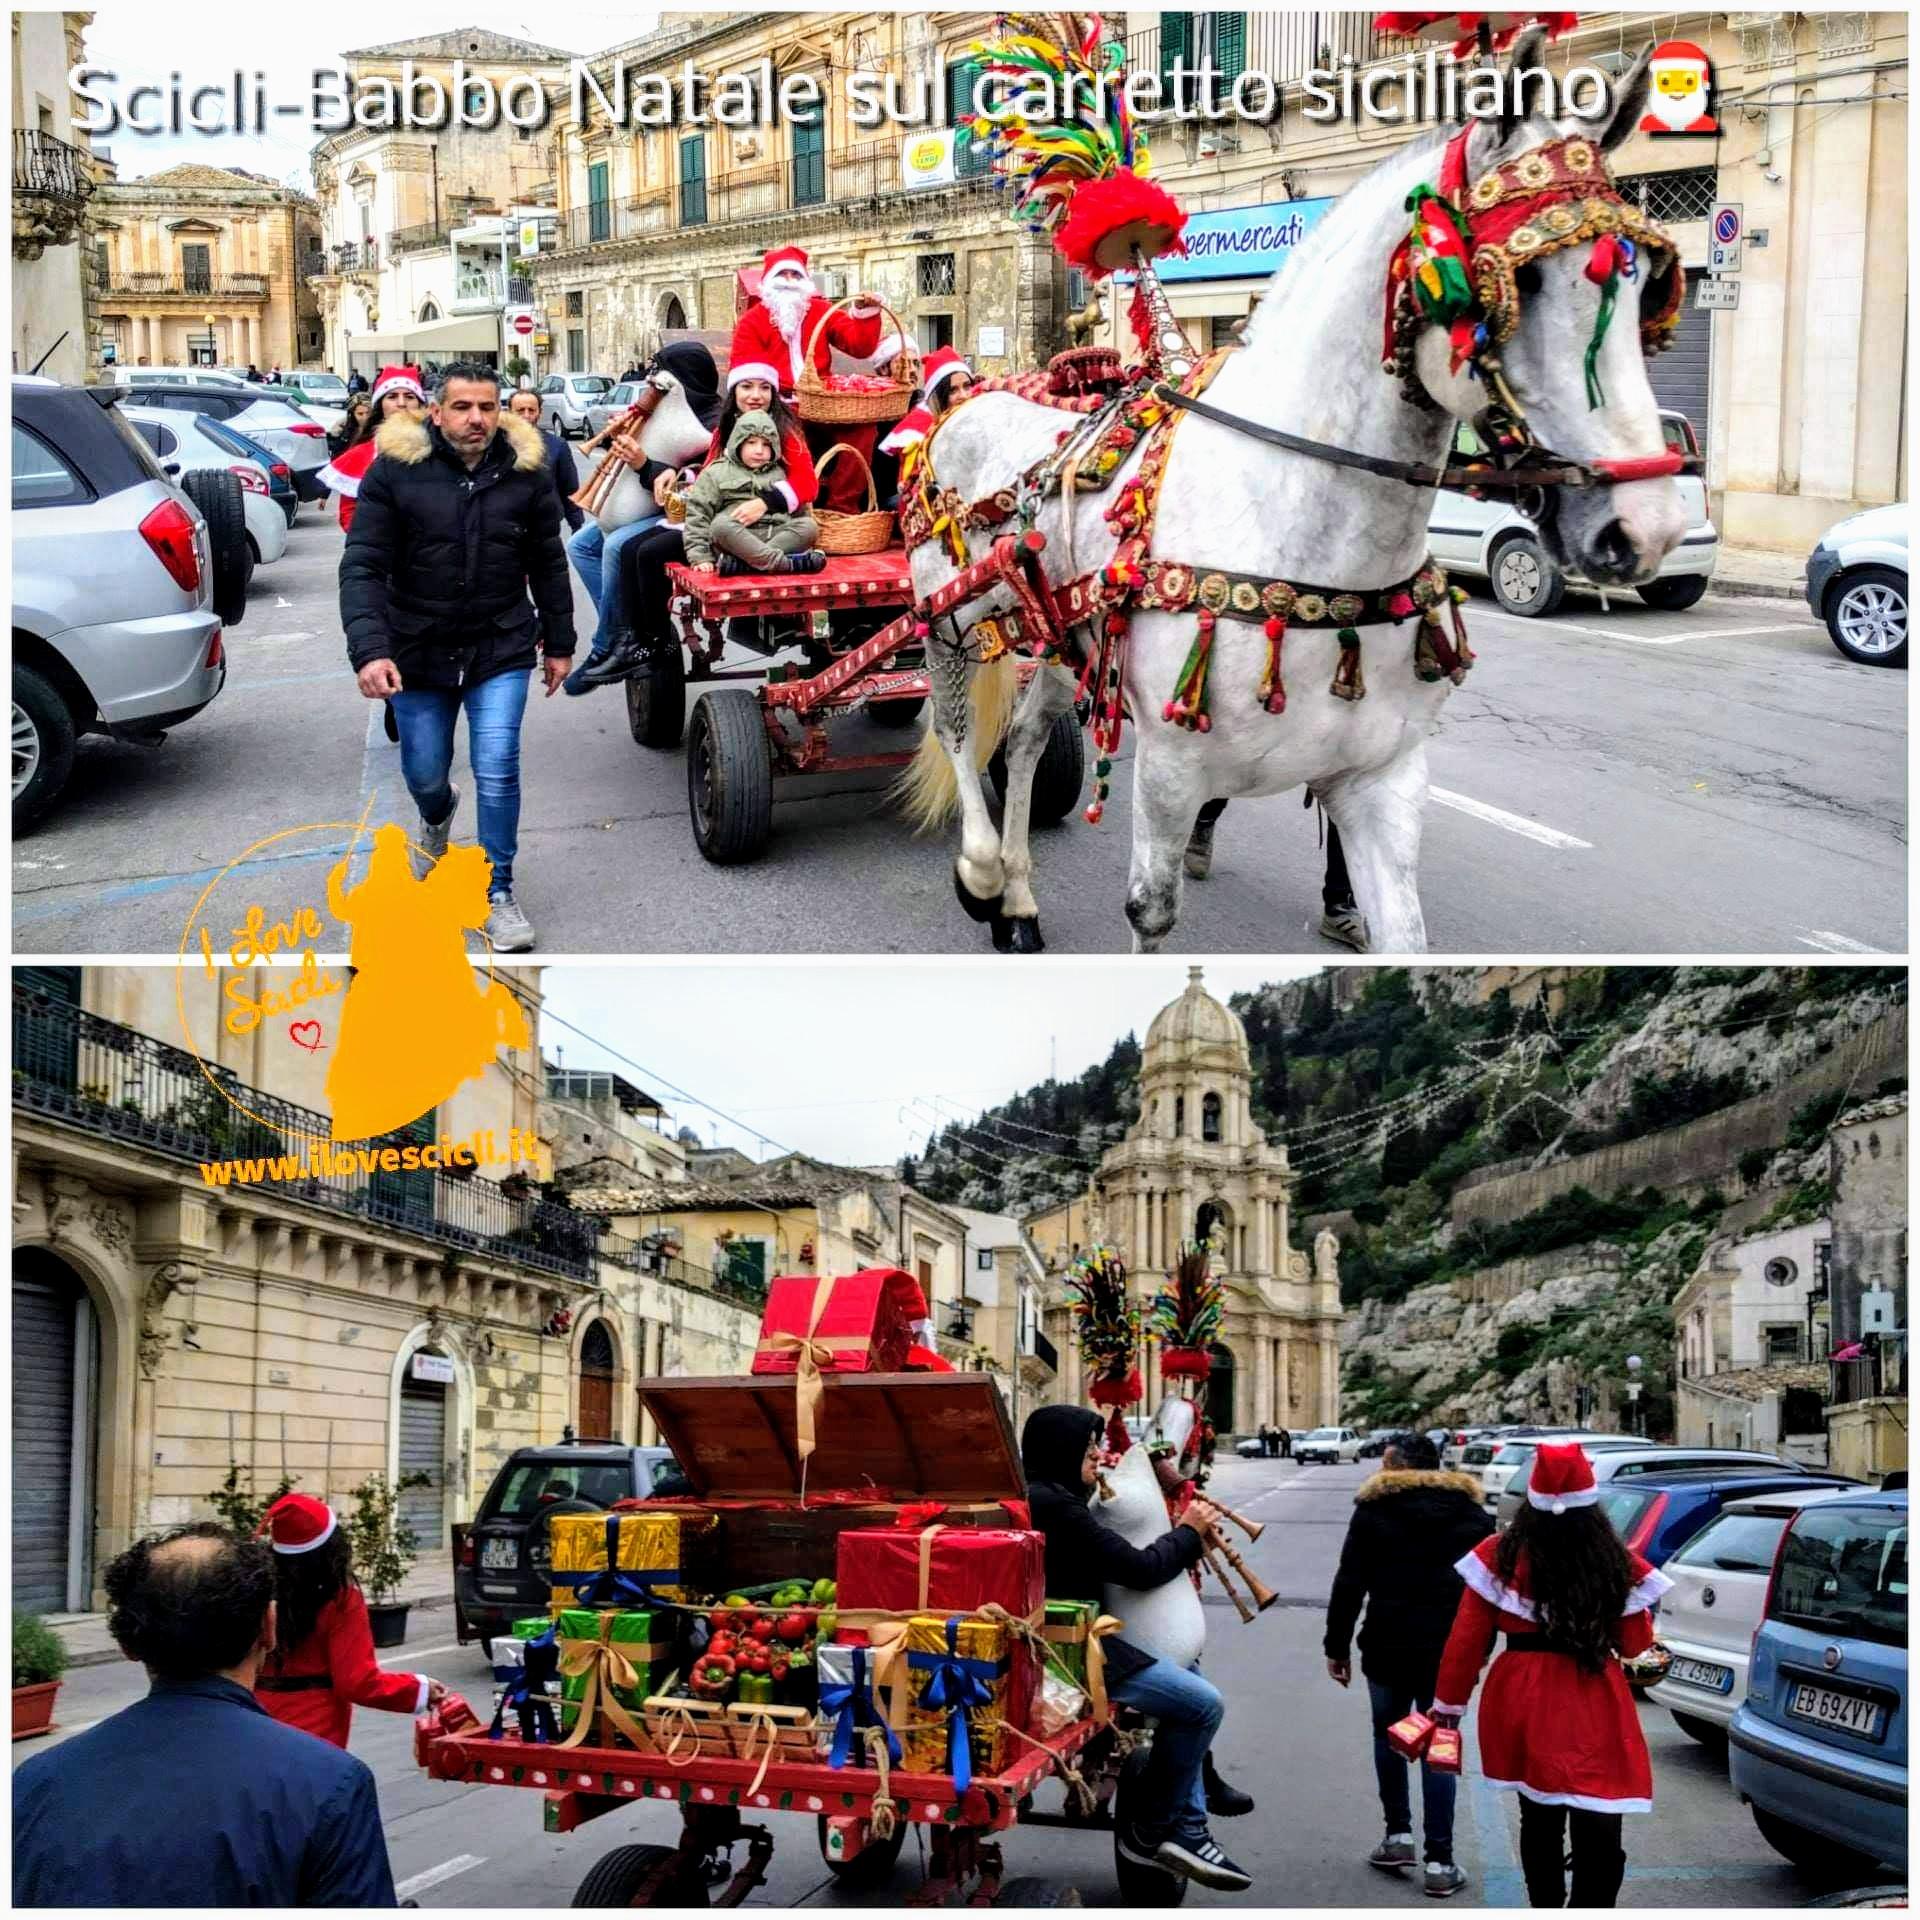 Carretto siciliano di natale a Scicli